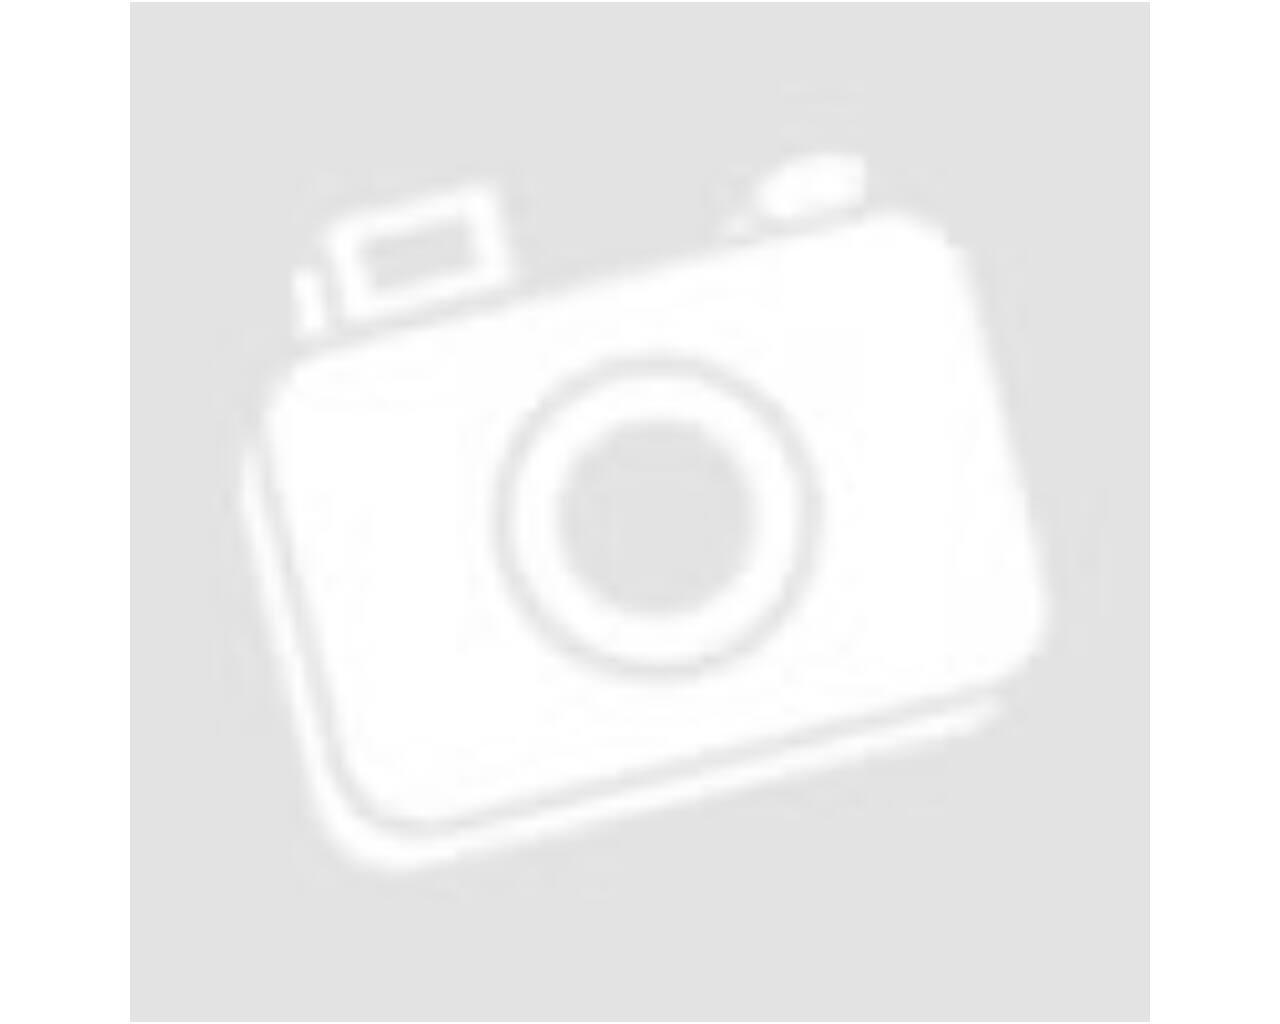 Beltéri/kültéri gránit fényes barna 1240x180x20mm